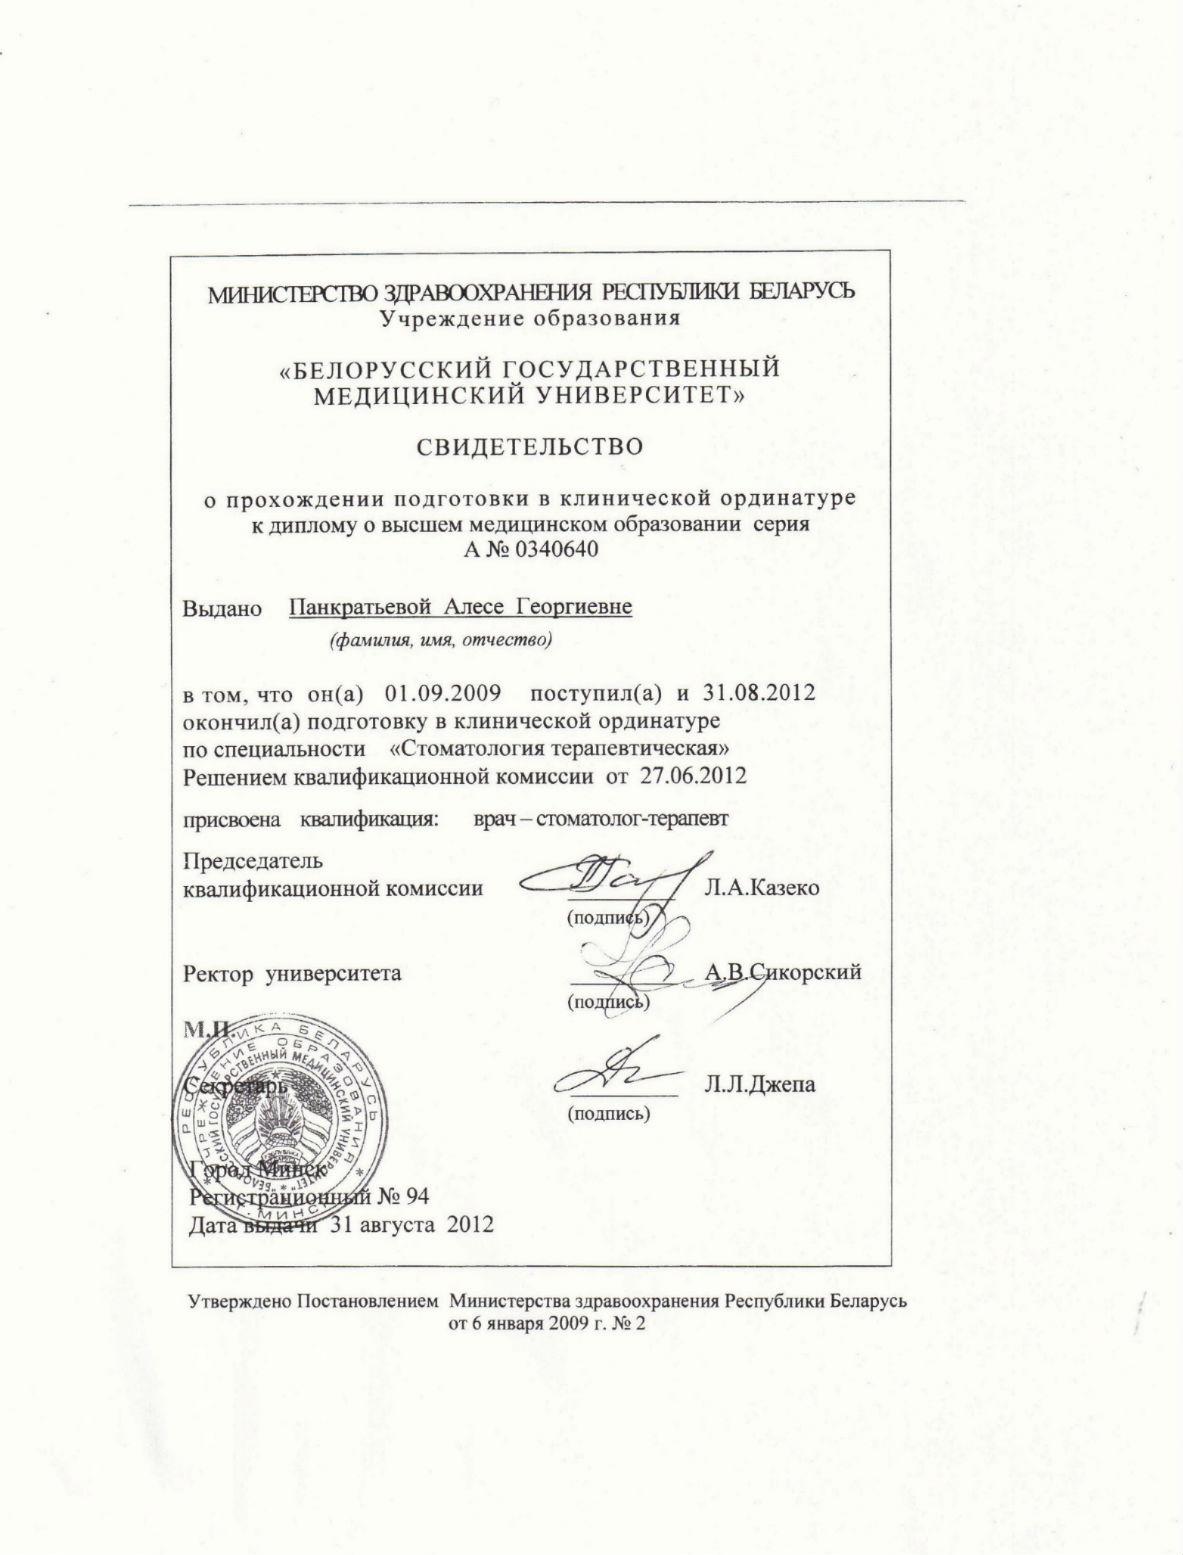 Свидетельство стоматолога Панкратьевой А.Г.